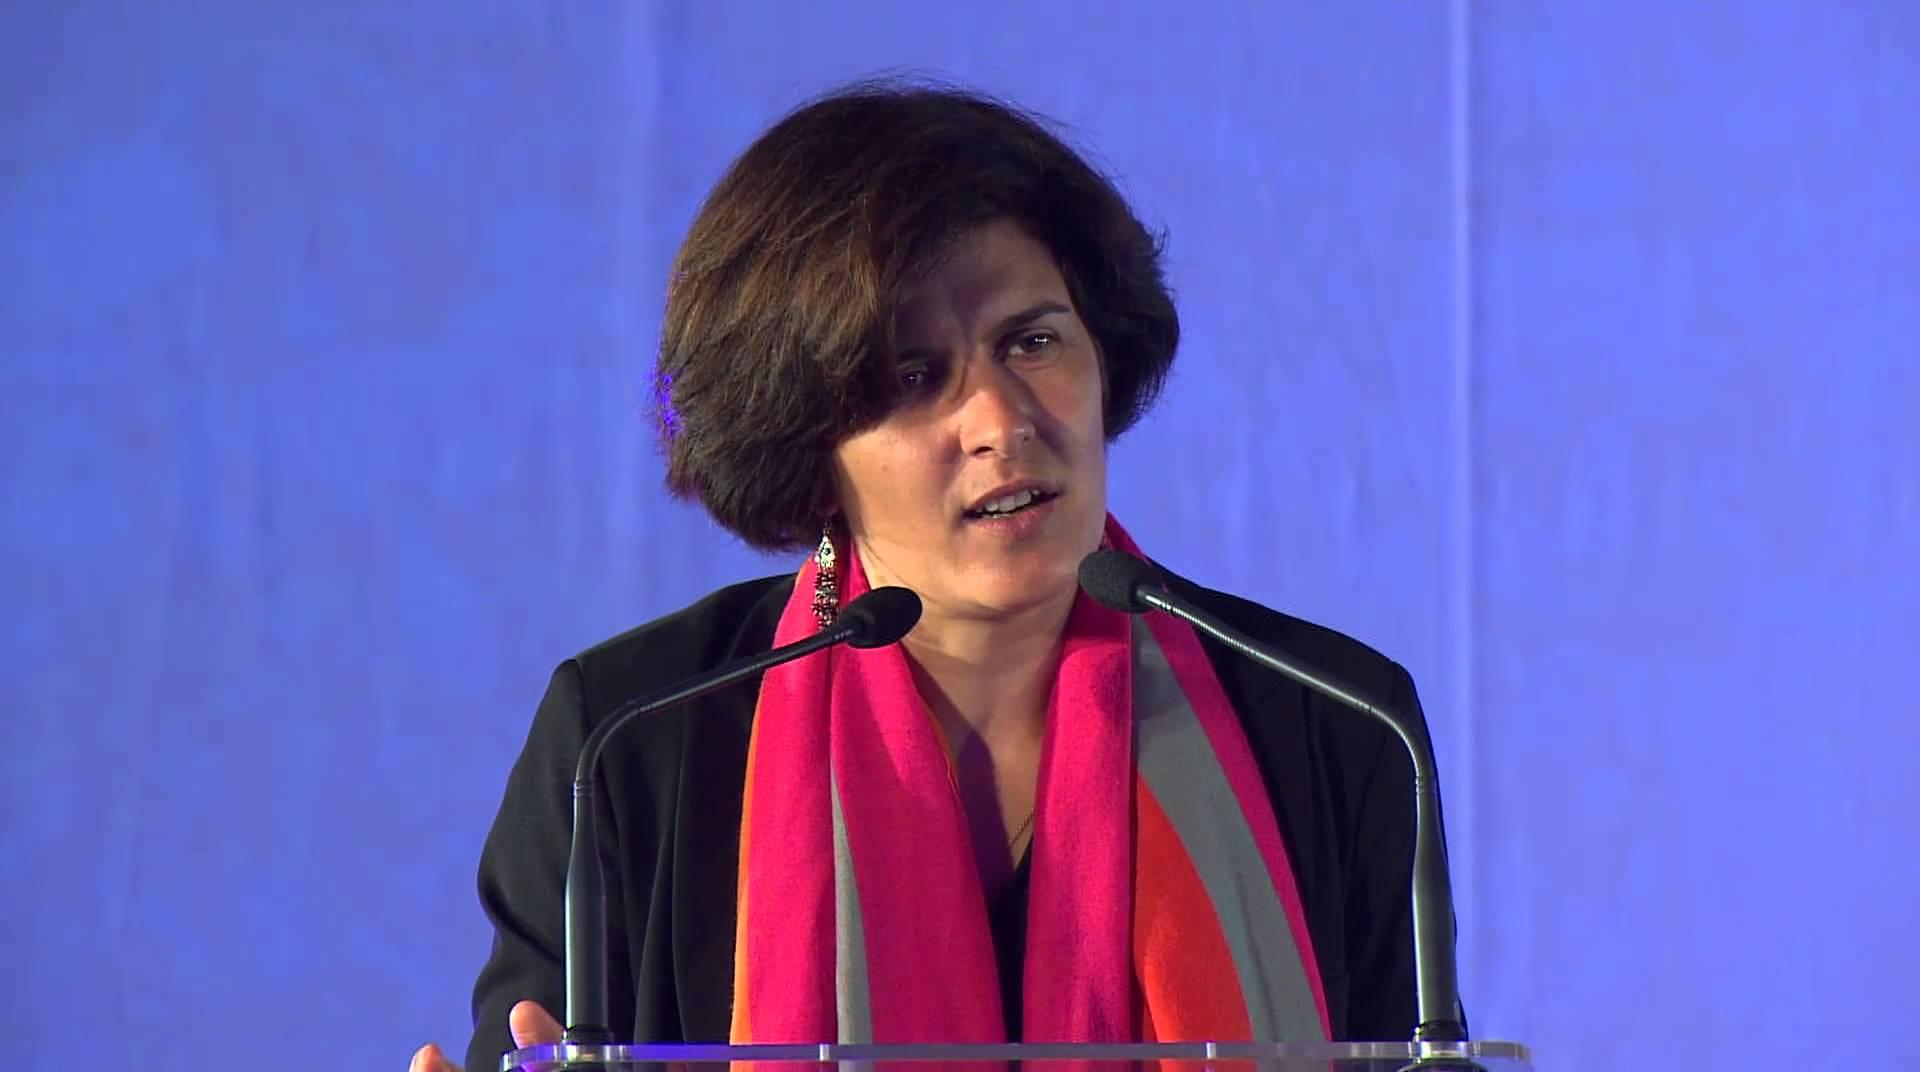 """Toulon – """"Famille, Etat et Education: quelle légitimité pour instruire? Quelle liberté scolaire?"""" Conférence d'Anne Coffinier"""